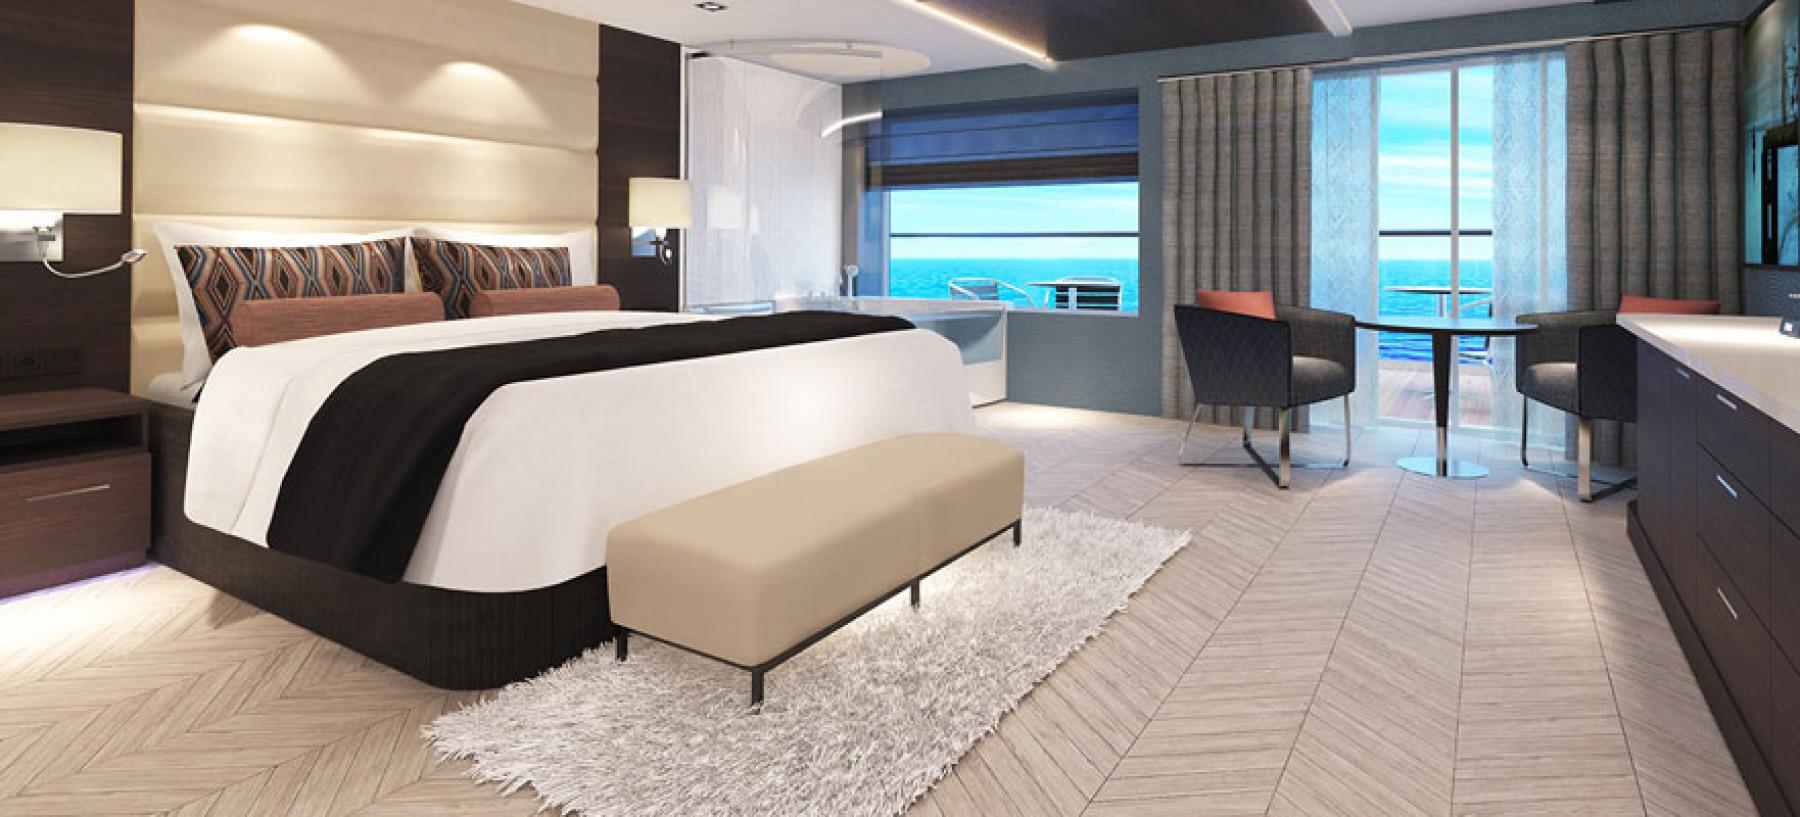 Norwegian Bliss Haven Spa Suite.jpg